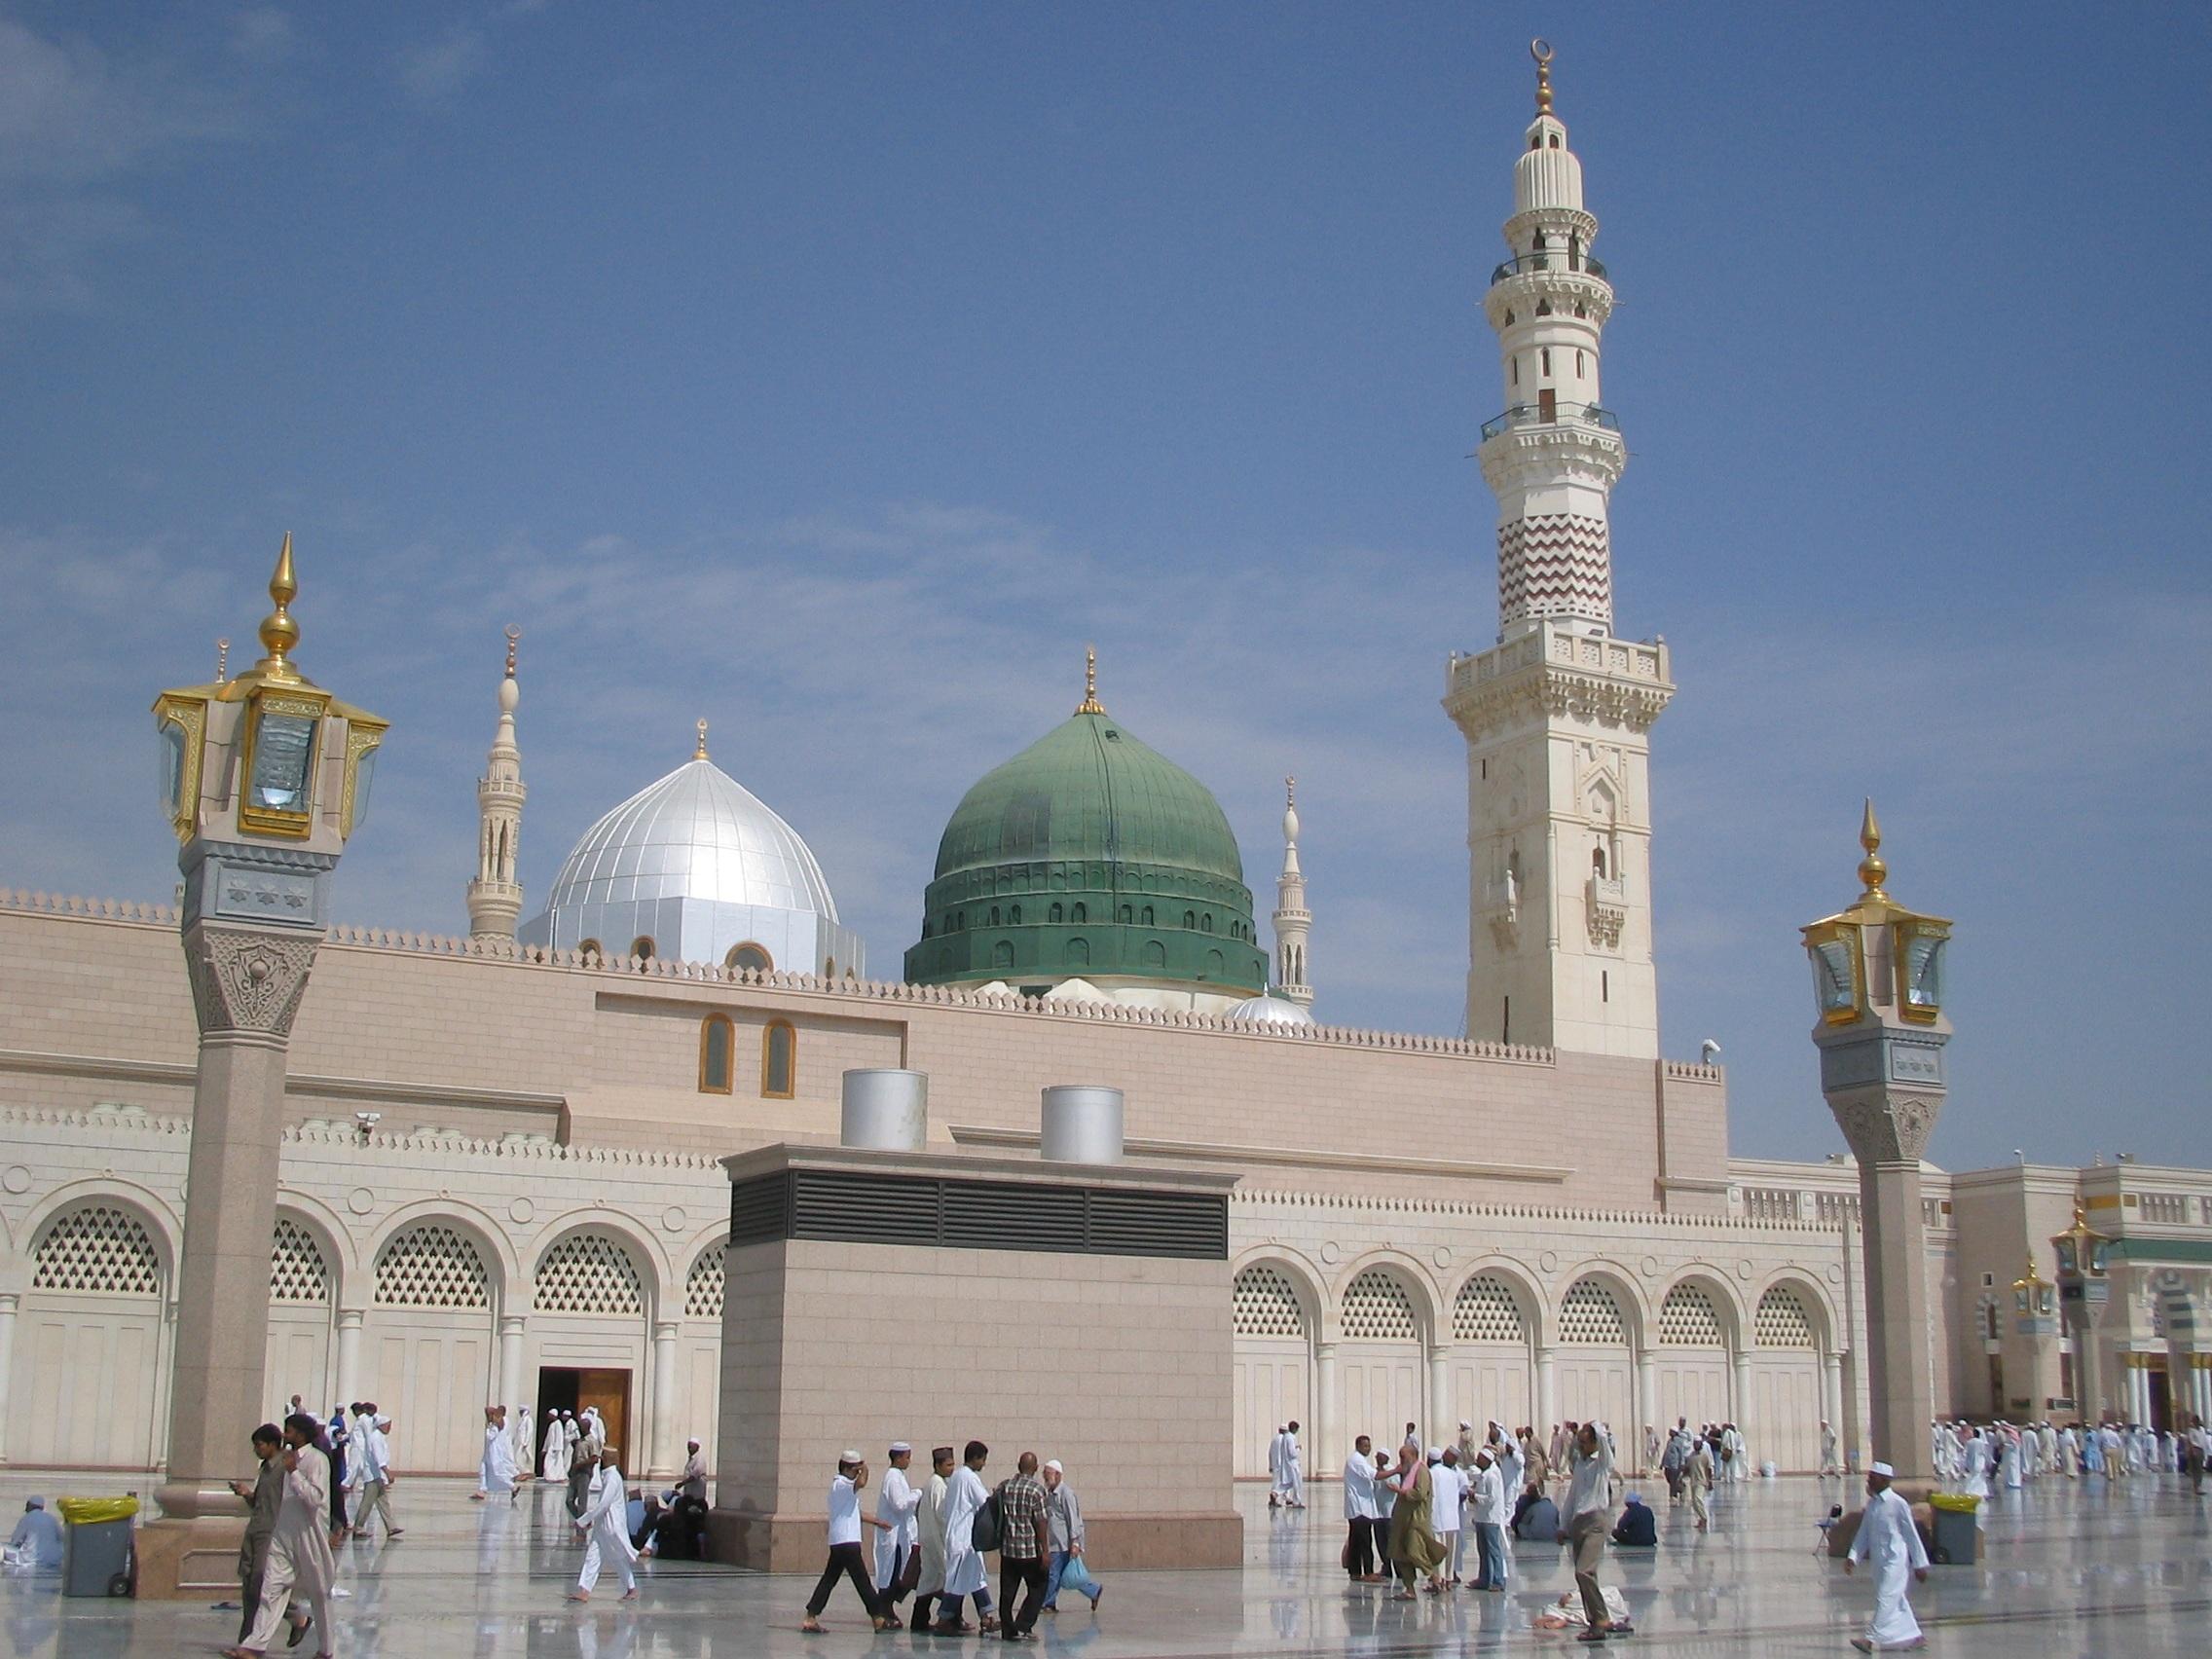 Masjid e Nabawi Wallpaper Masjid-e-nabawi